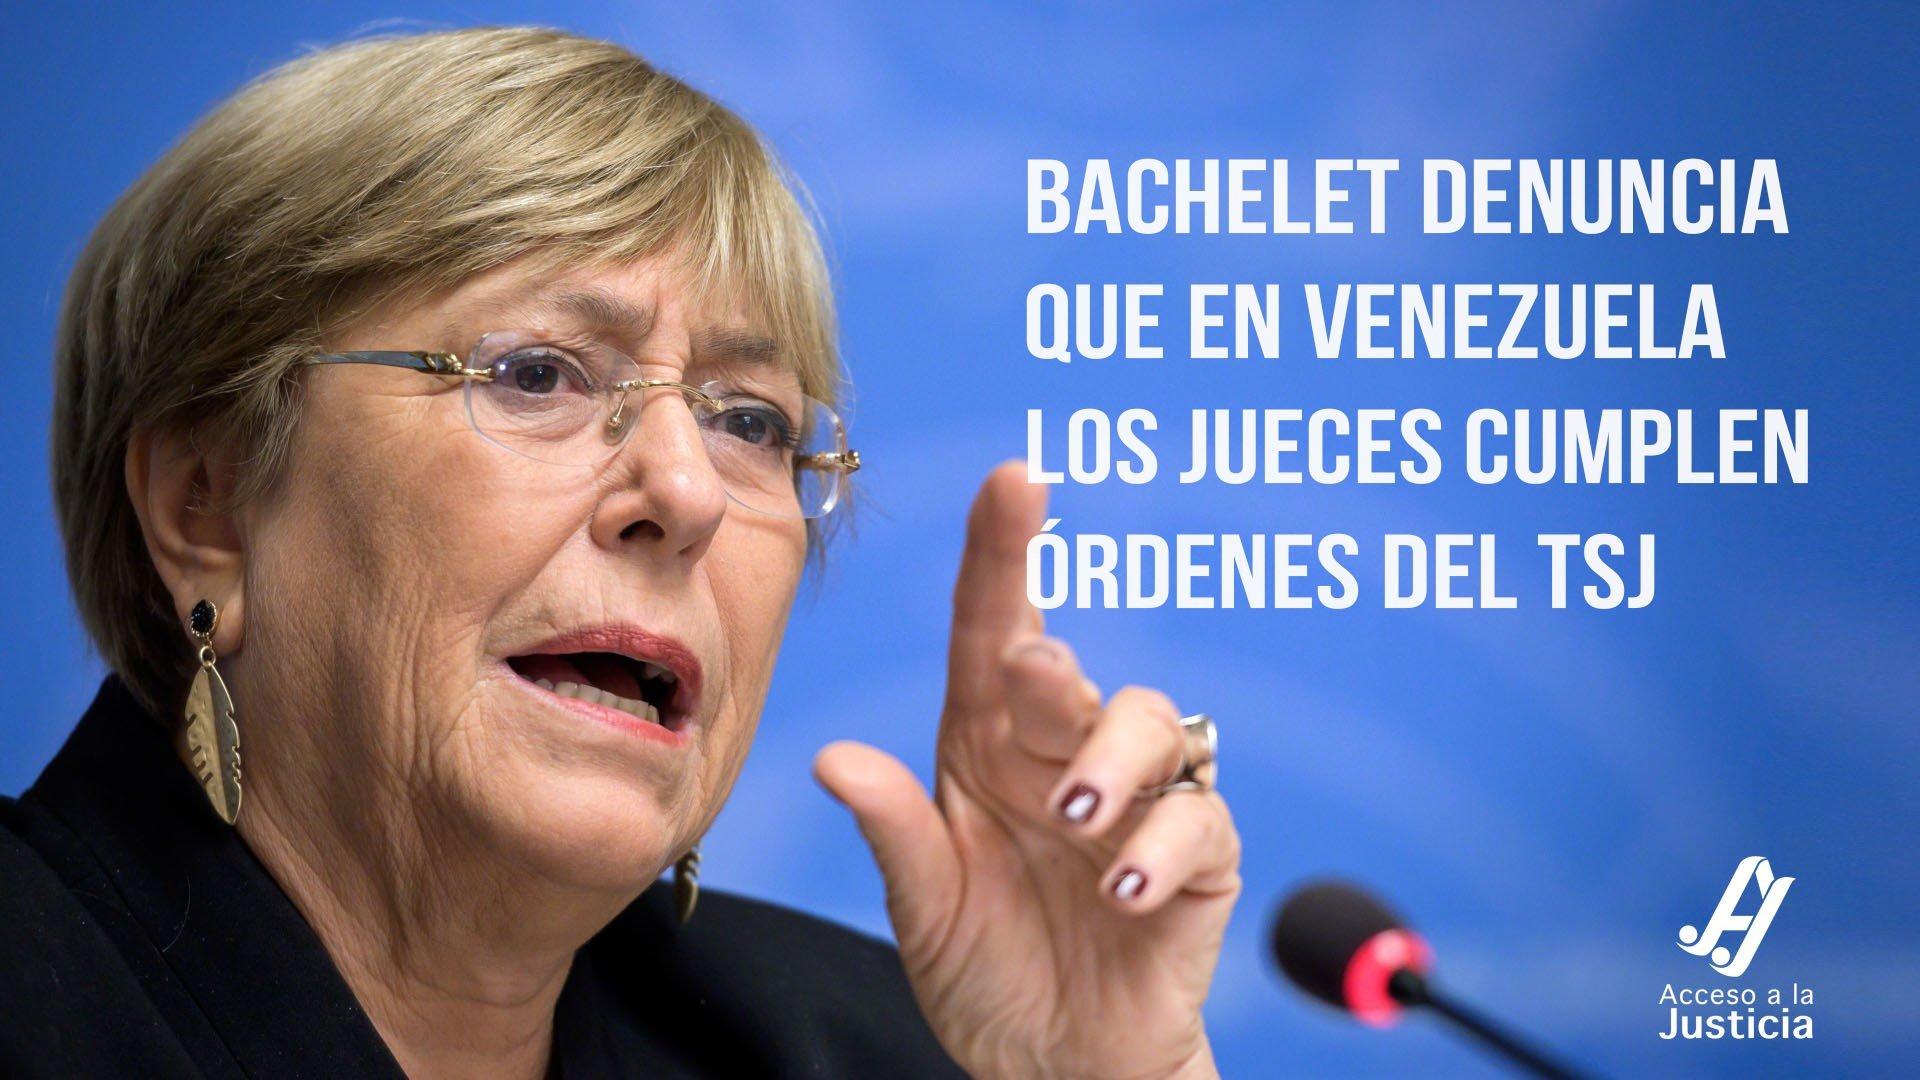 Bachelet denuncia que en Venezuela los jueces cumplen órdenes del TSJ